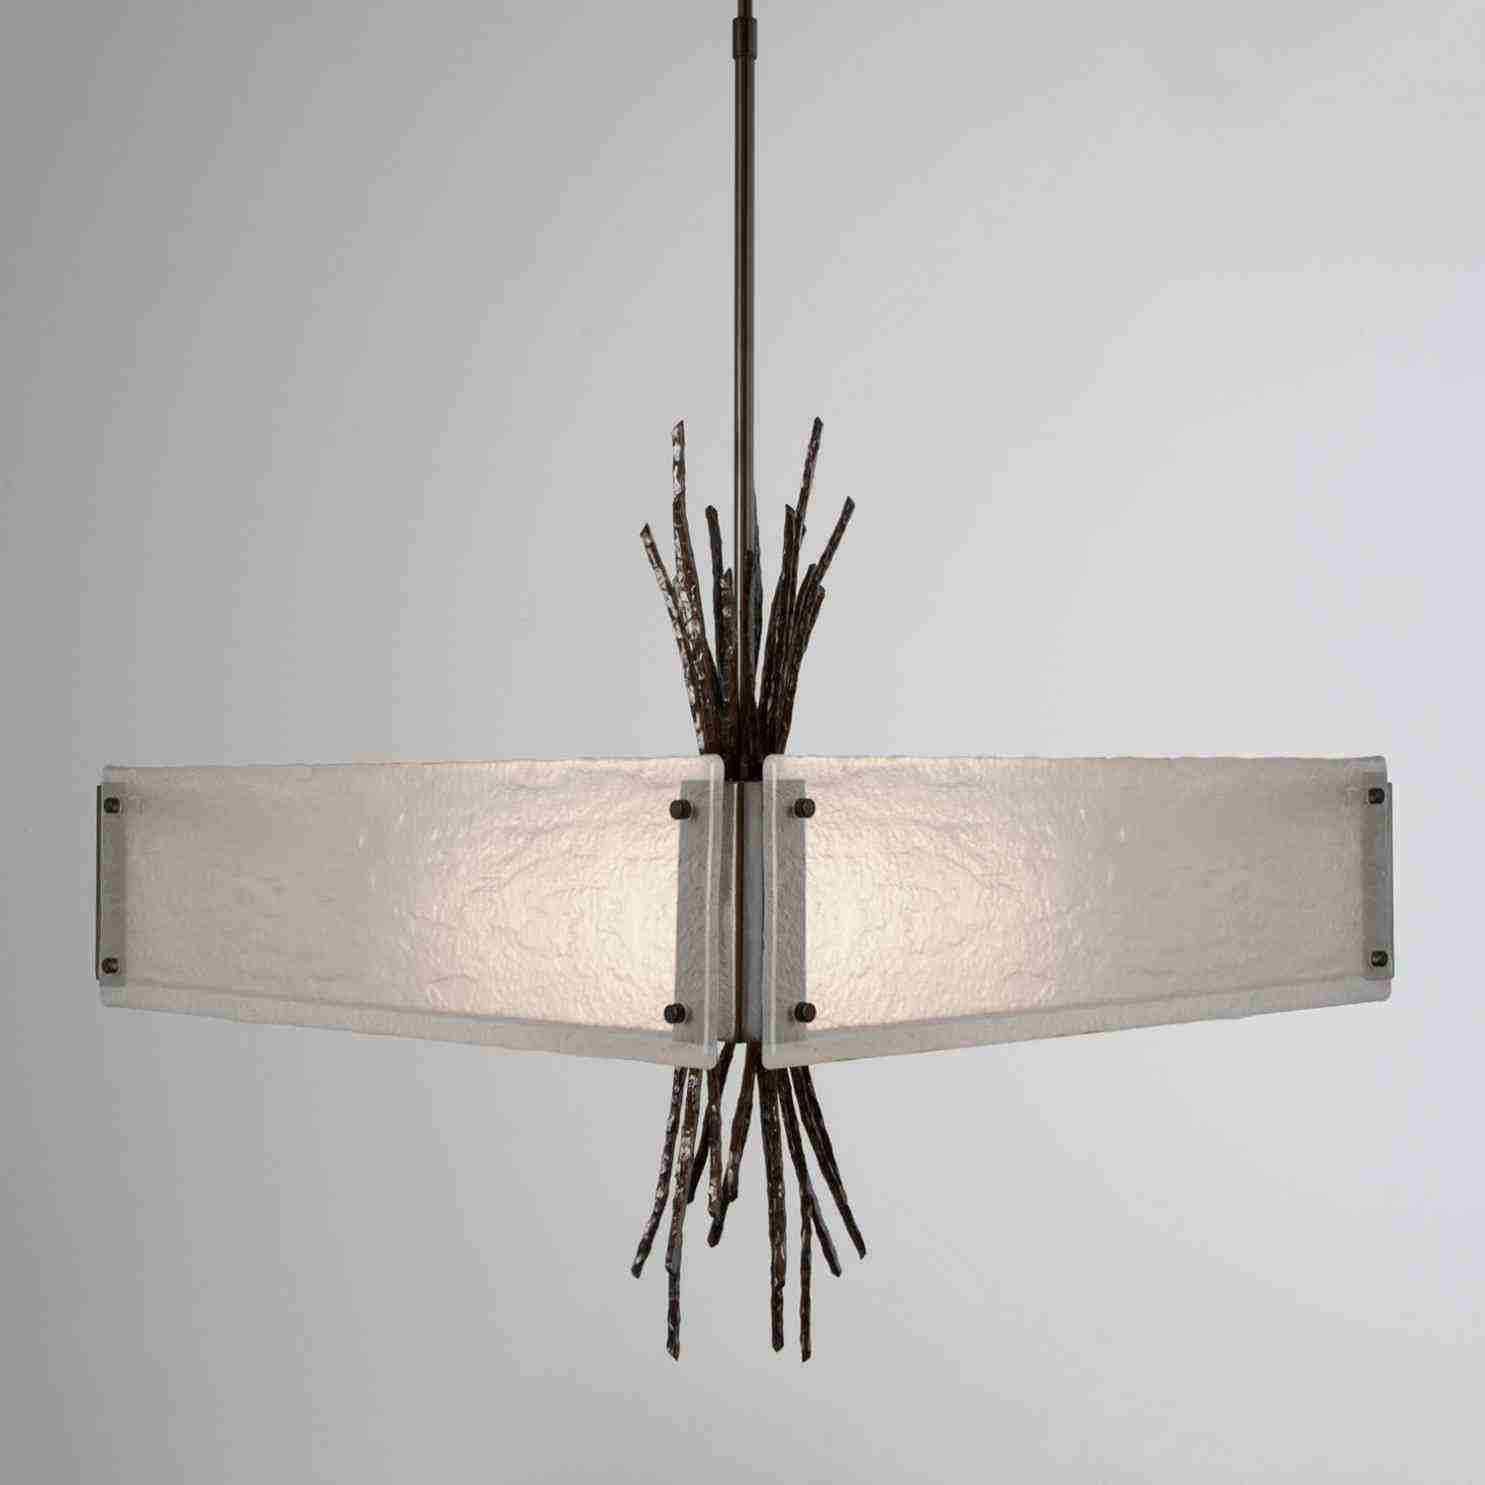 Full Size of Ikea Lampen Wohnzimmer Frisch 30 Inspirierend Betten 160x200 Modulküche Küche Kosten Bei Kaufen Sofa Mit Schlaffunktion Miniküche Wohnzimmer Wohnzimmerlampen Ikea